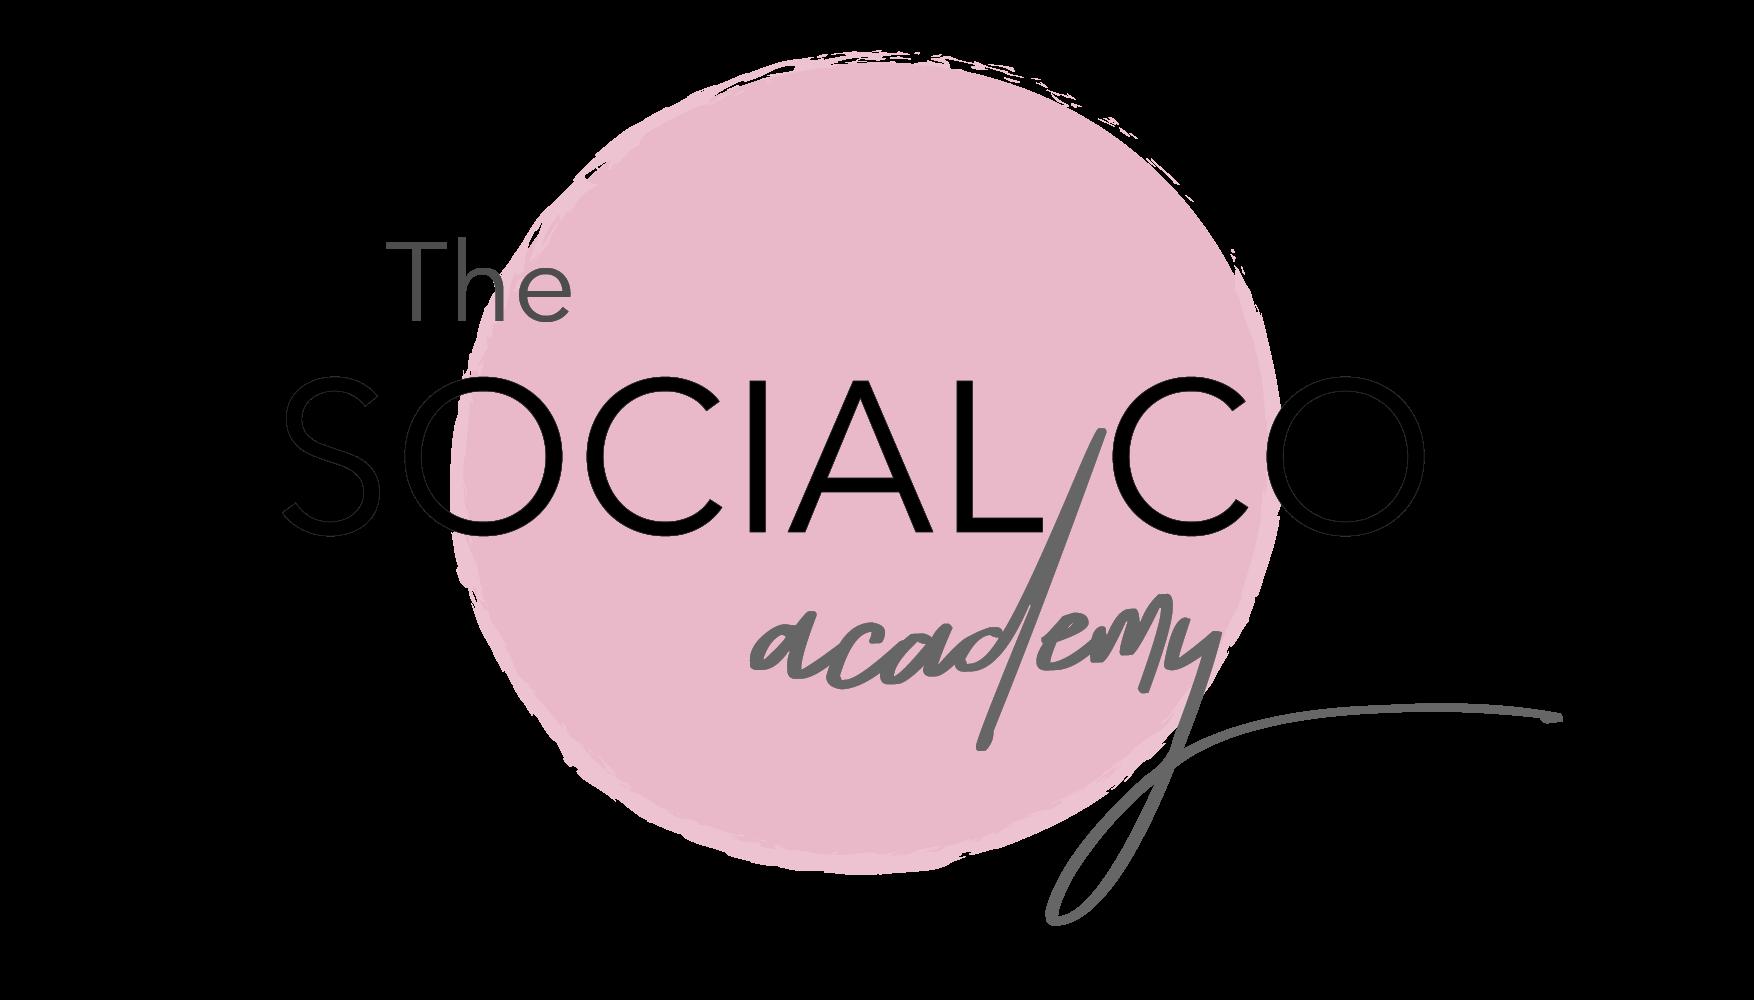 The Social Co Academy